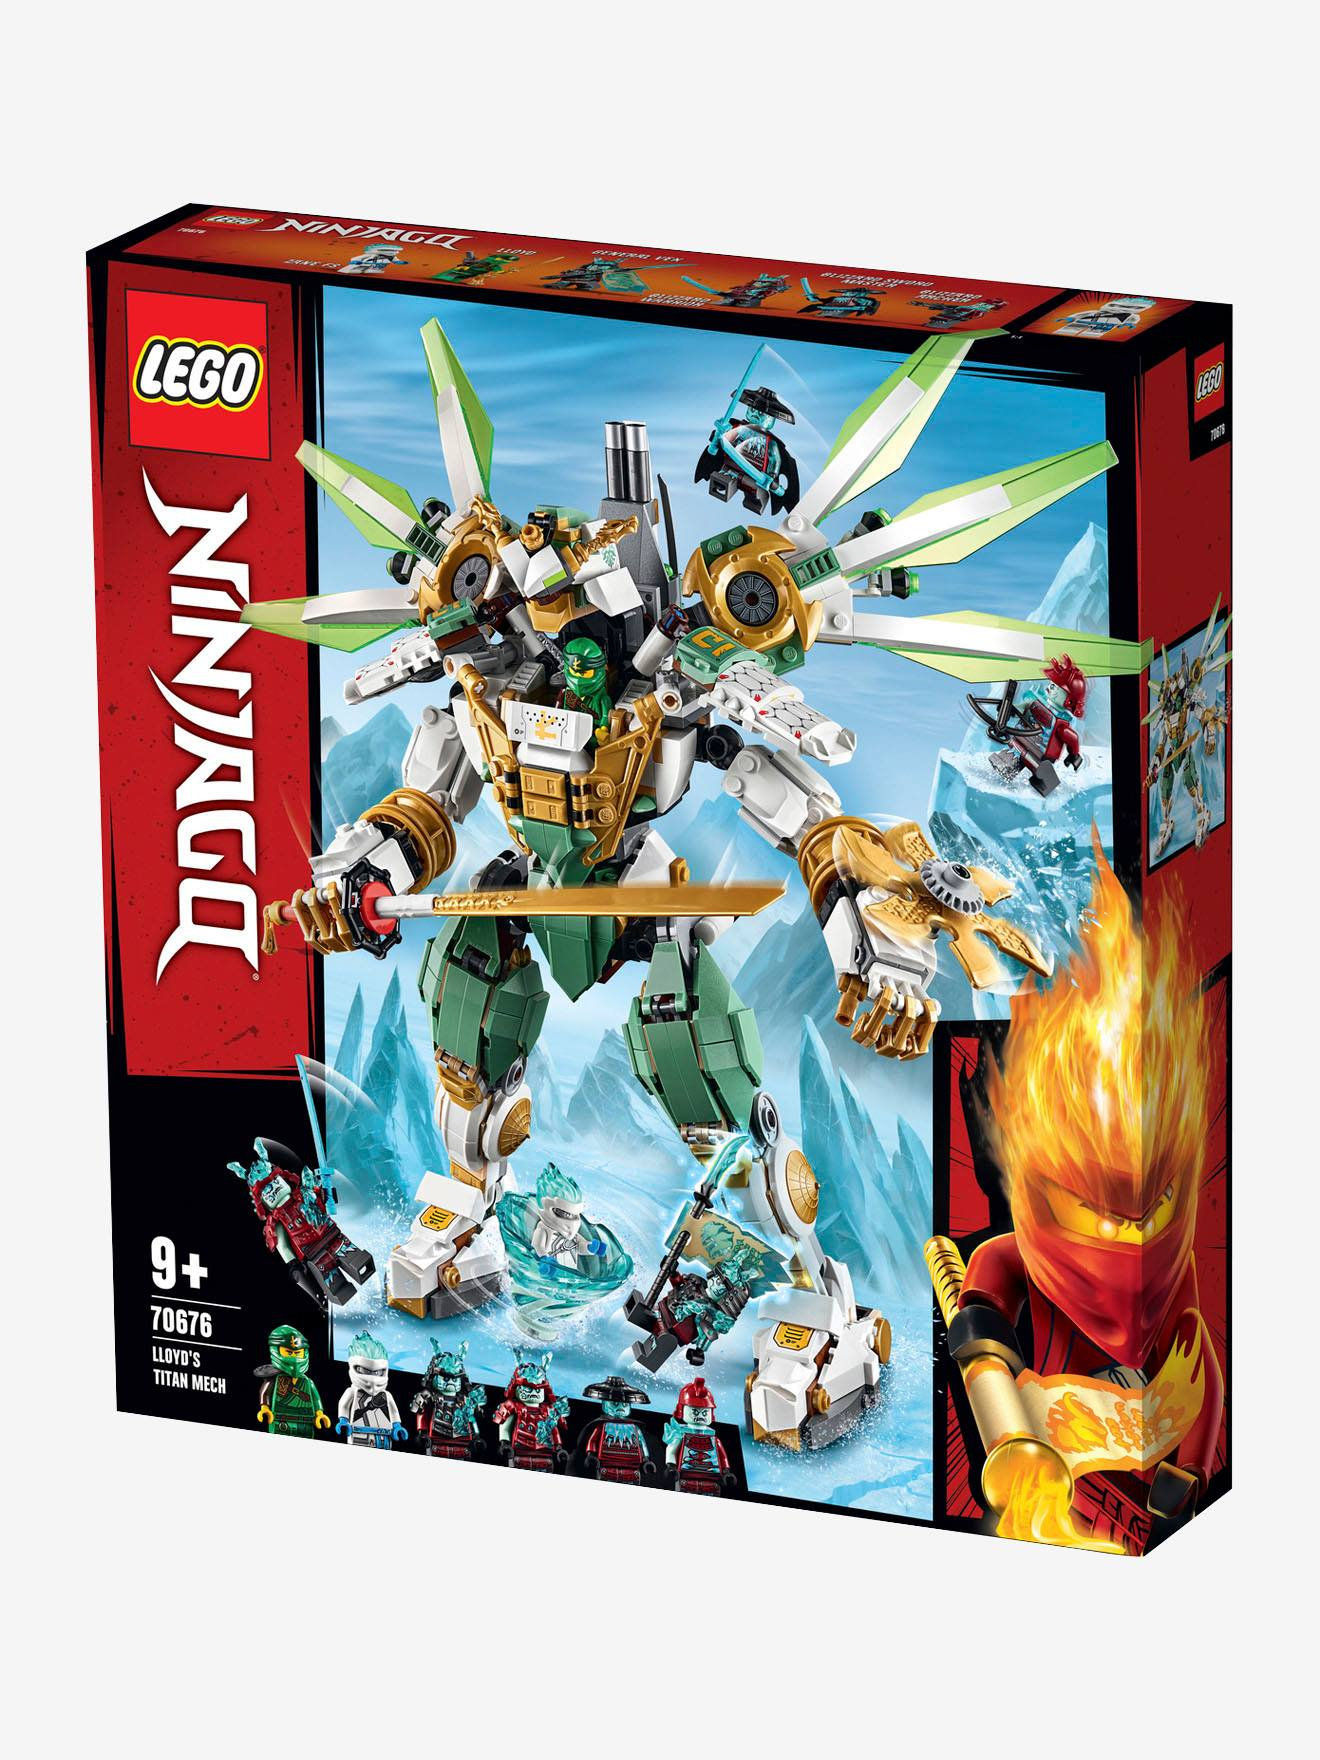 Fetes Occasions Speciales Personnalise Lego Ninjago Lloyd Carte D Anniversaire 3 4 5 6 7 8 Fille Garcon Enfant Maison Cdnorteimagen Cl